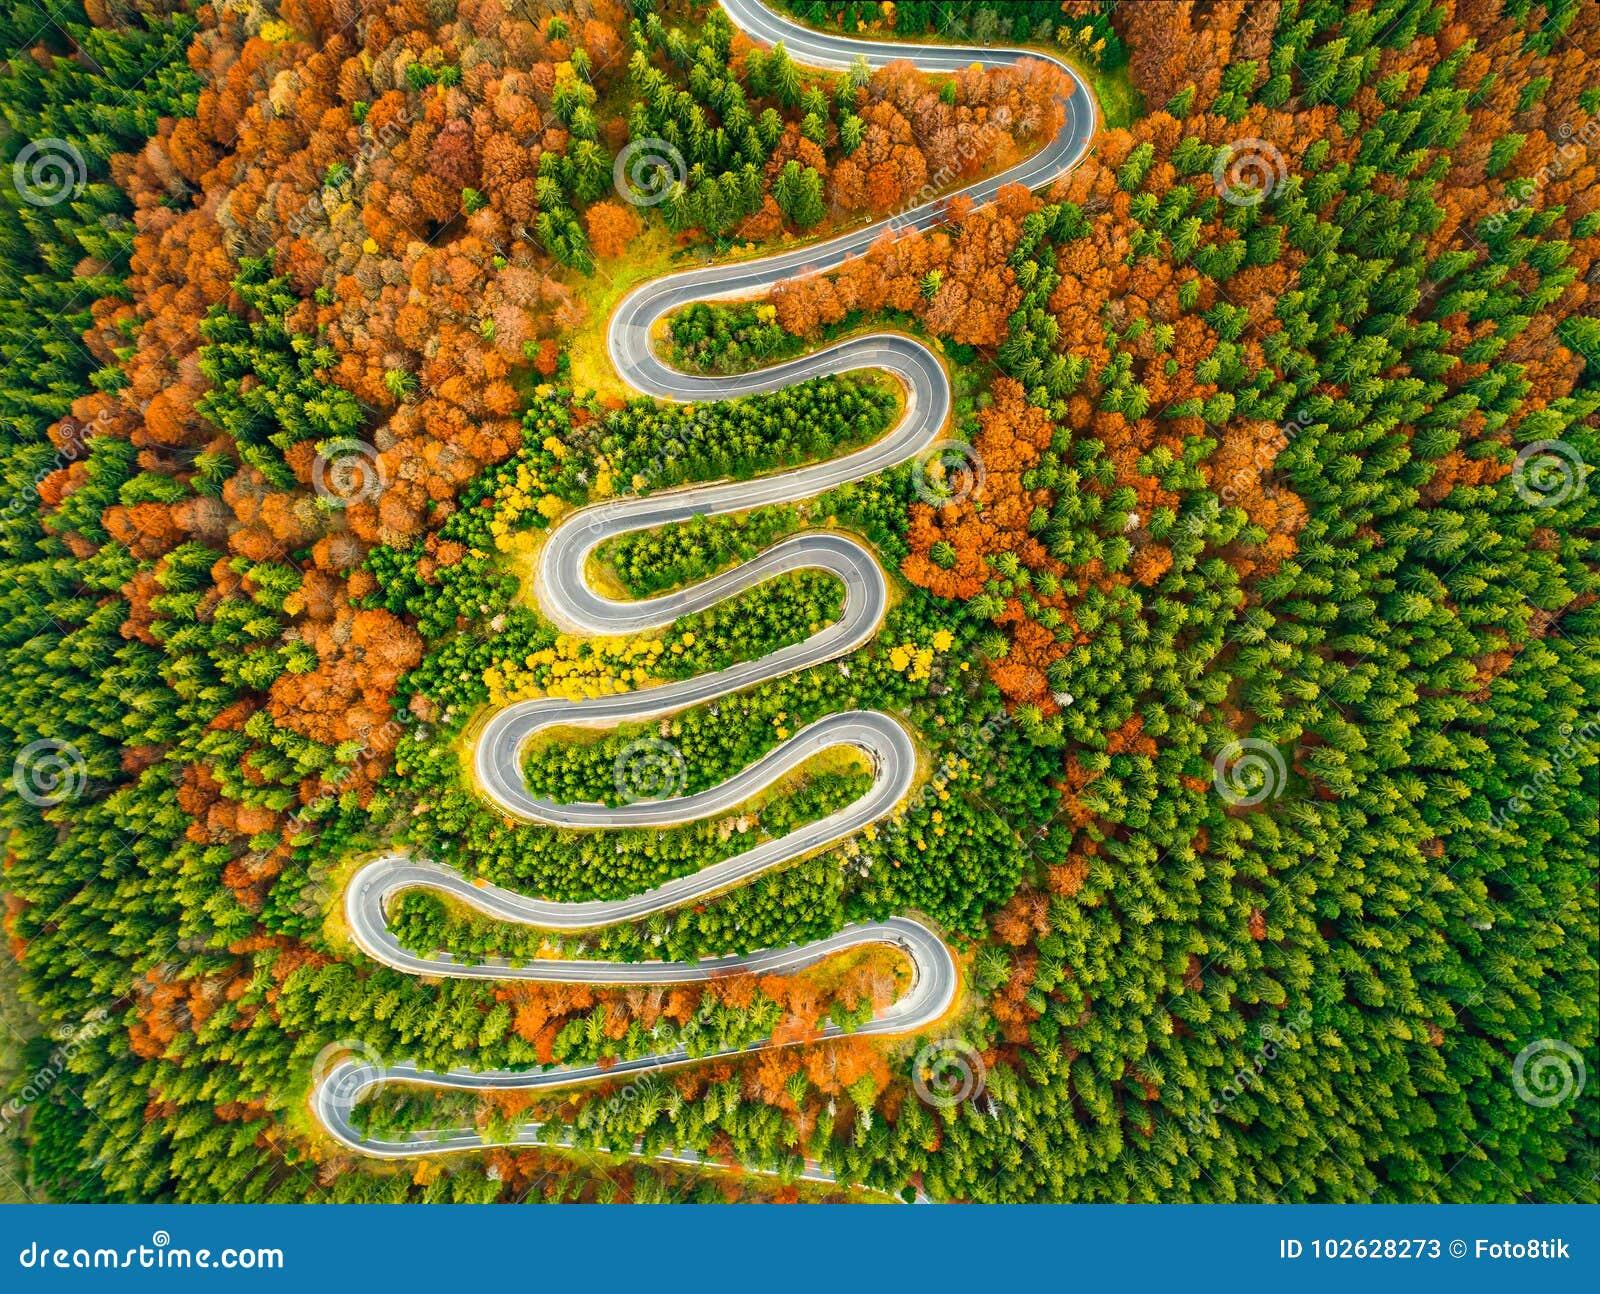 La vista aérea de la carretera con curvas con otoño coloreó el bosque